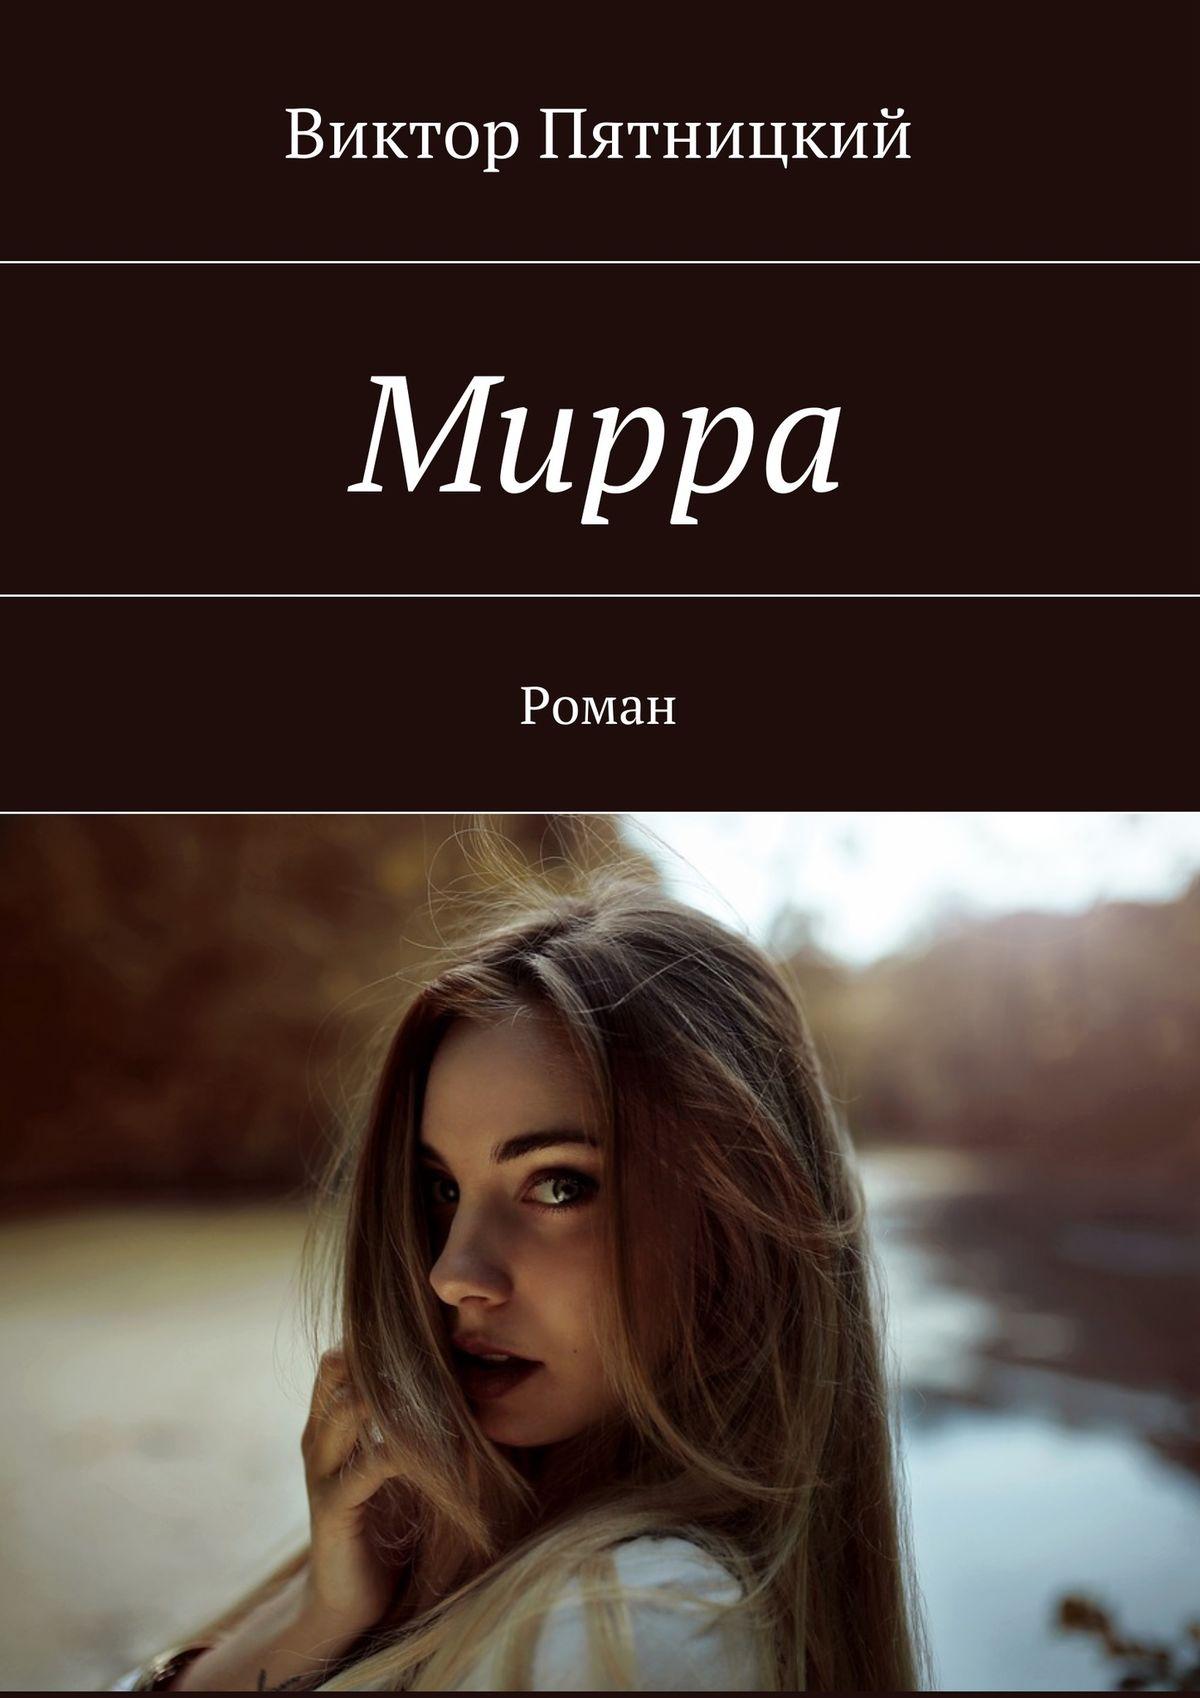 Виктор Пятницкий Мирра. Роман косметика мирра м каталог